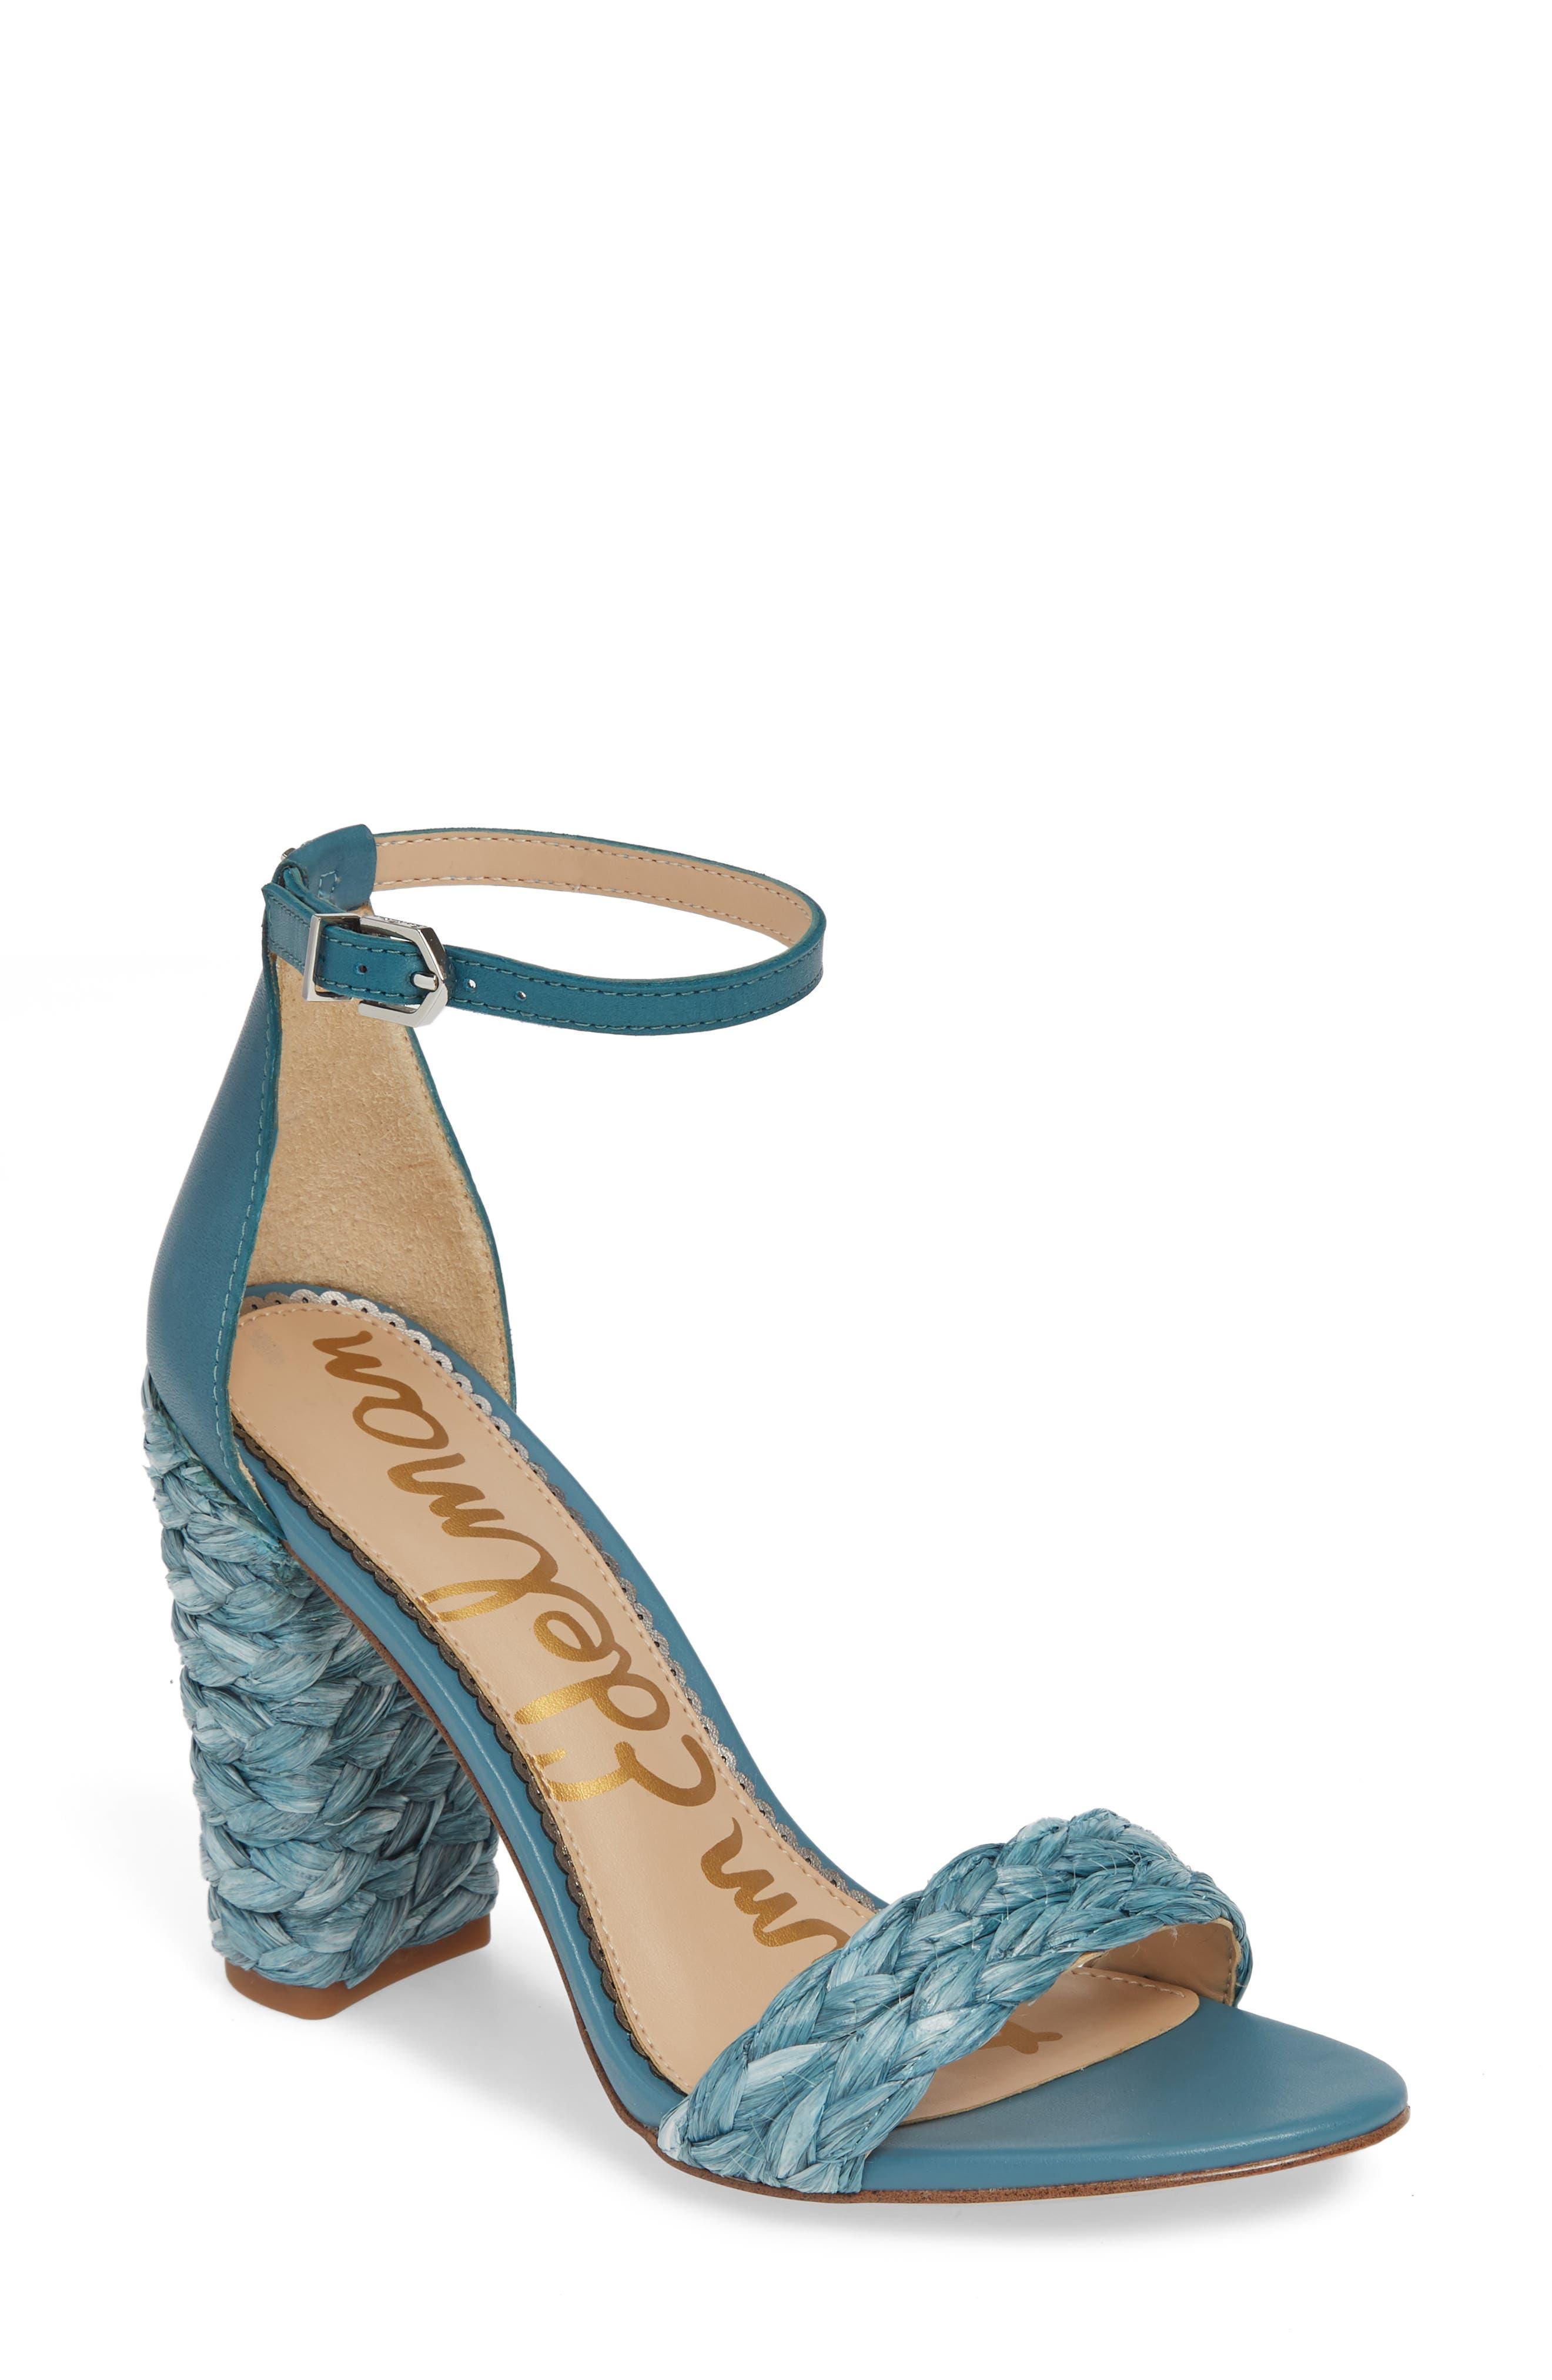 Sam Edelman Yoana Woven Trim Sandal- Blue